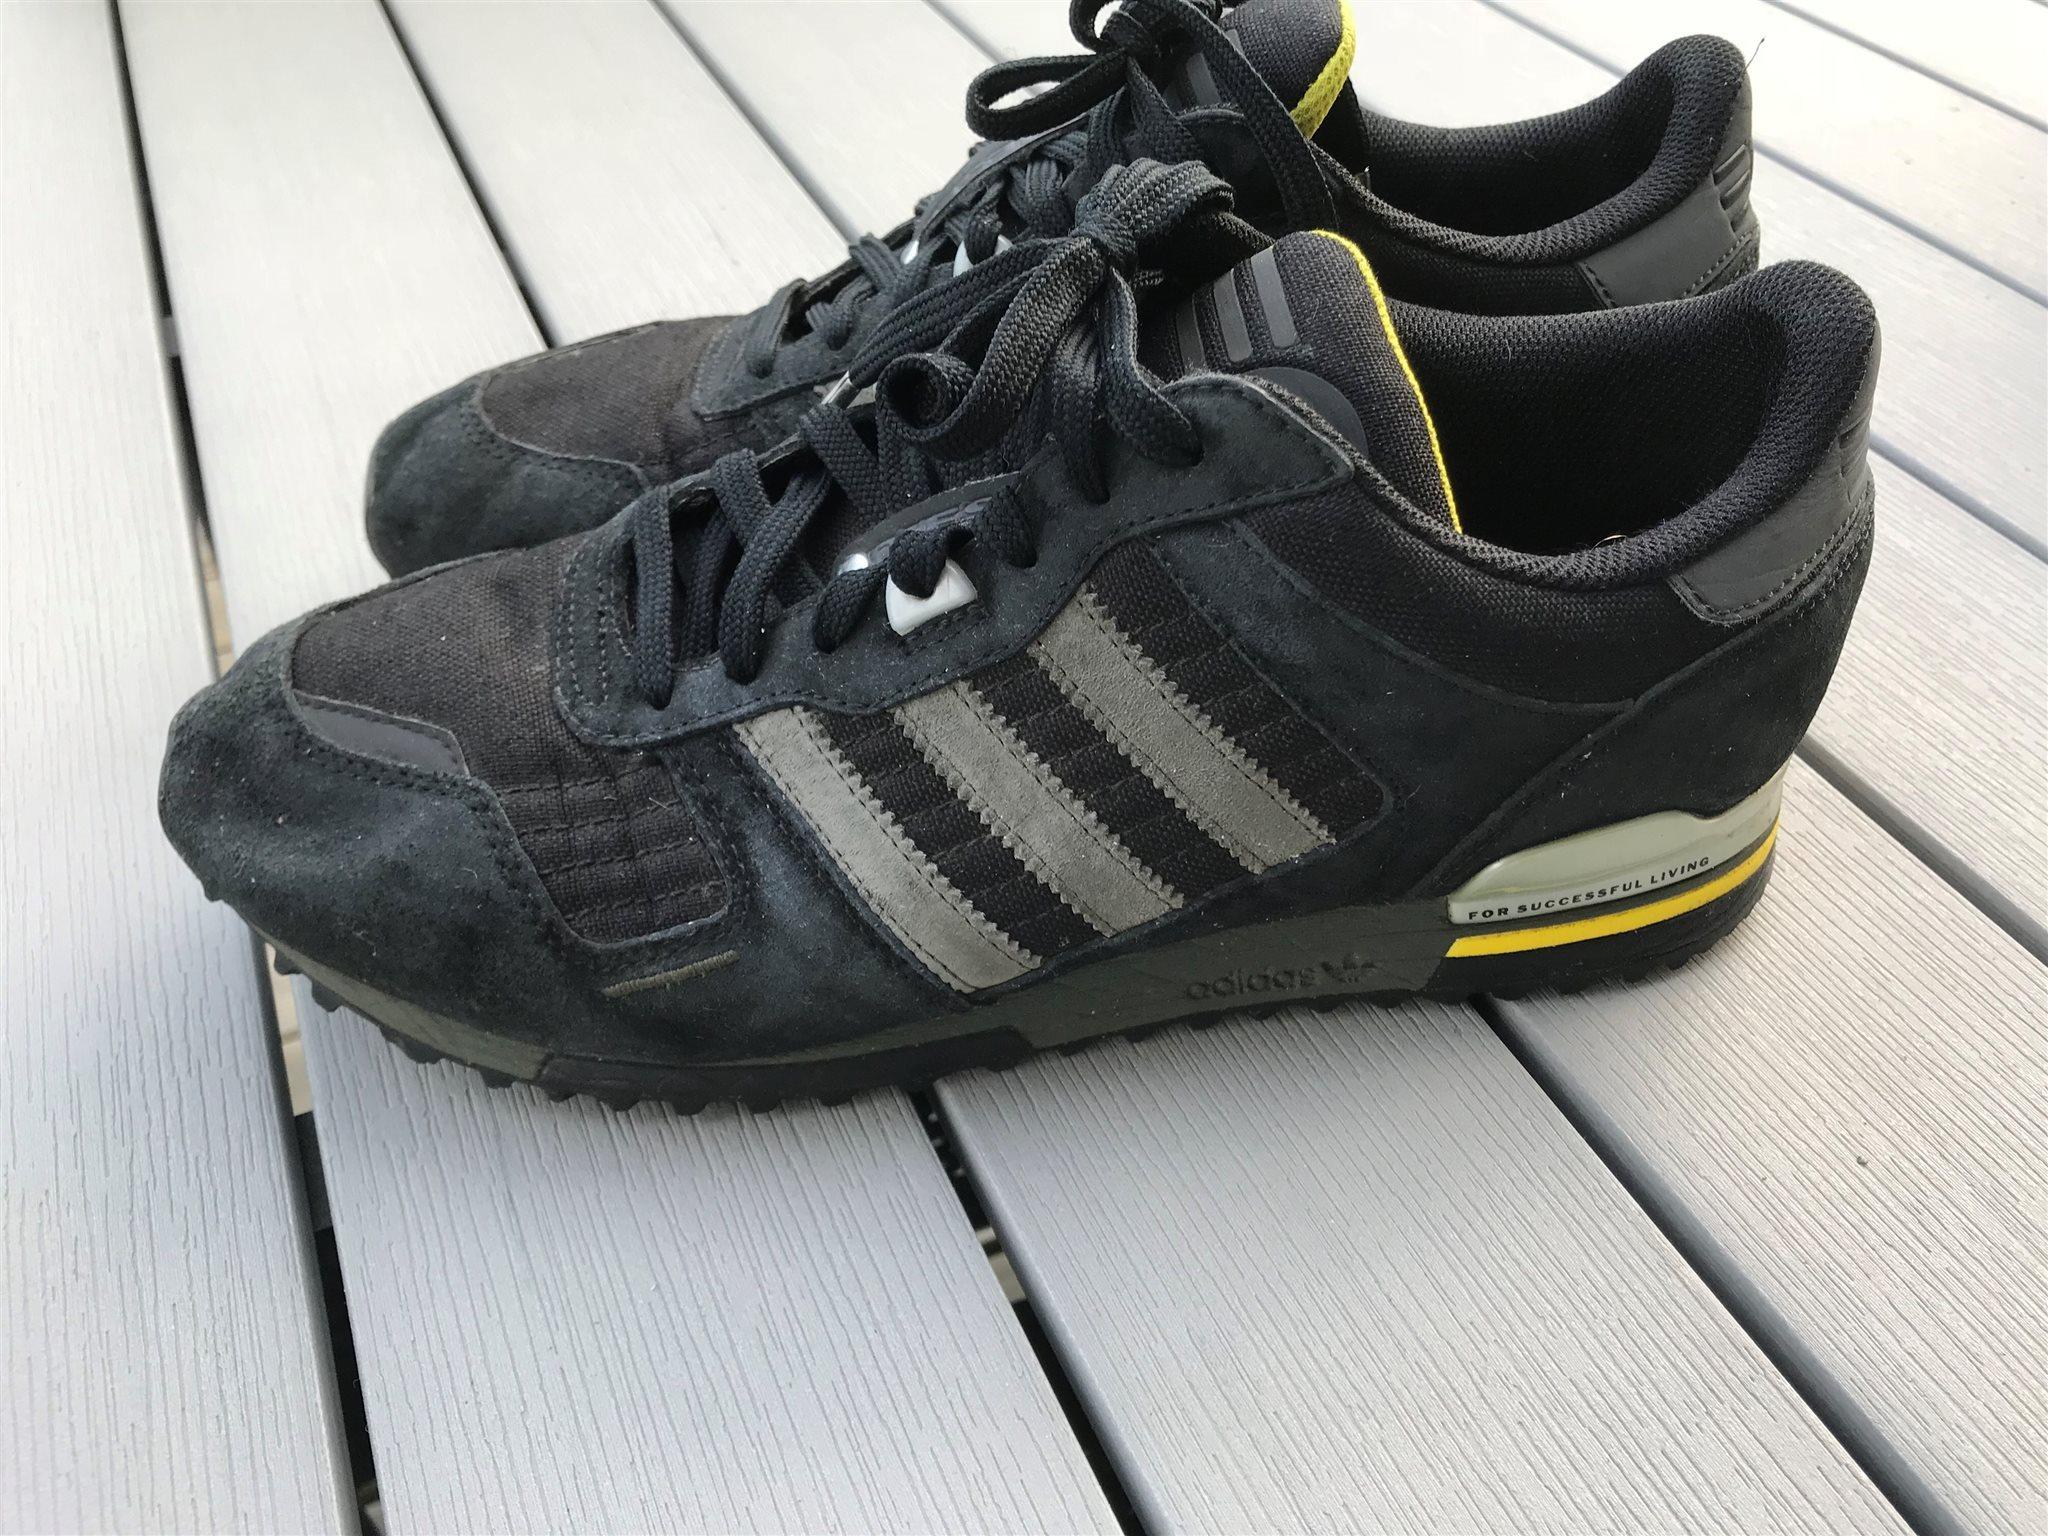 f3ea61308 germany imgdieseladidaszx700pojaksneakers2 image eb199 9bea5  denmark  sneakers adidas zx 700 diesel limited edition storlek 44 cfb46 422dc